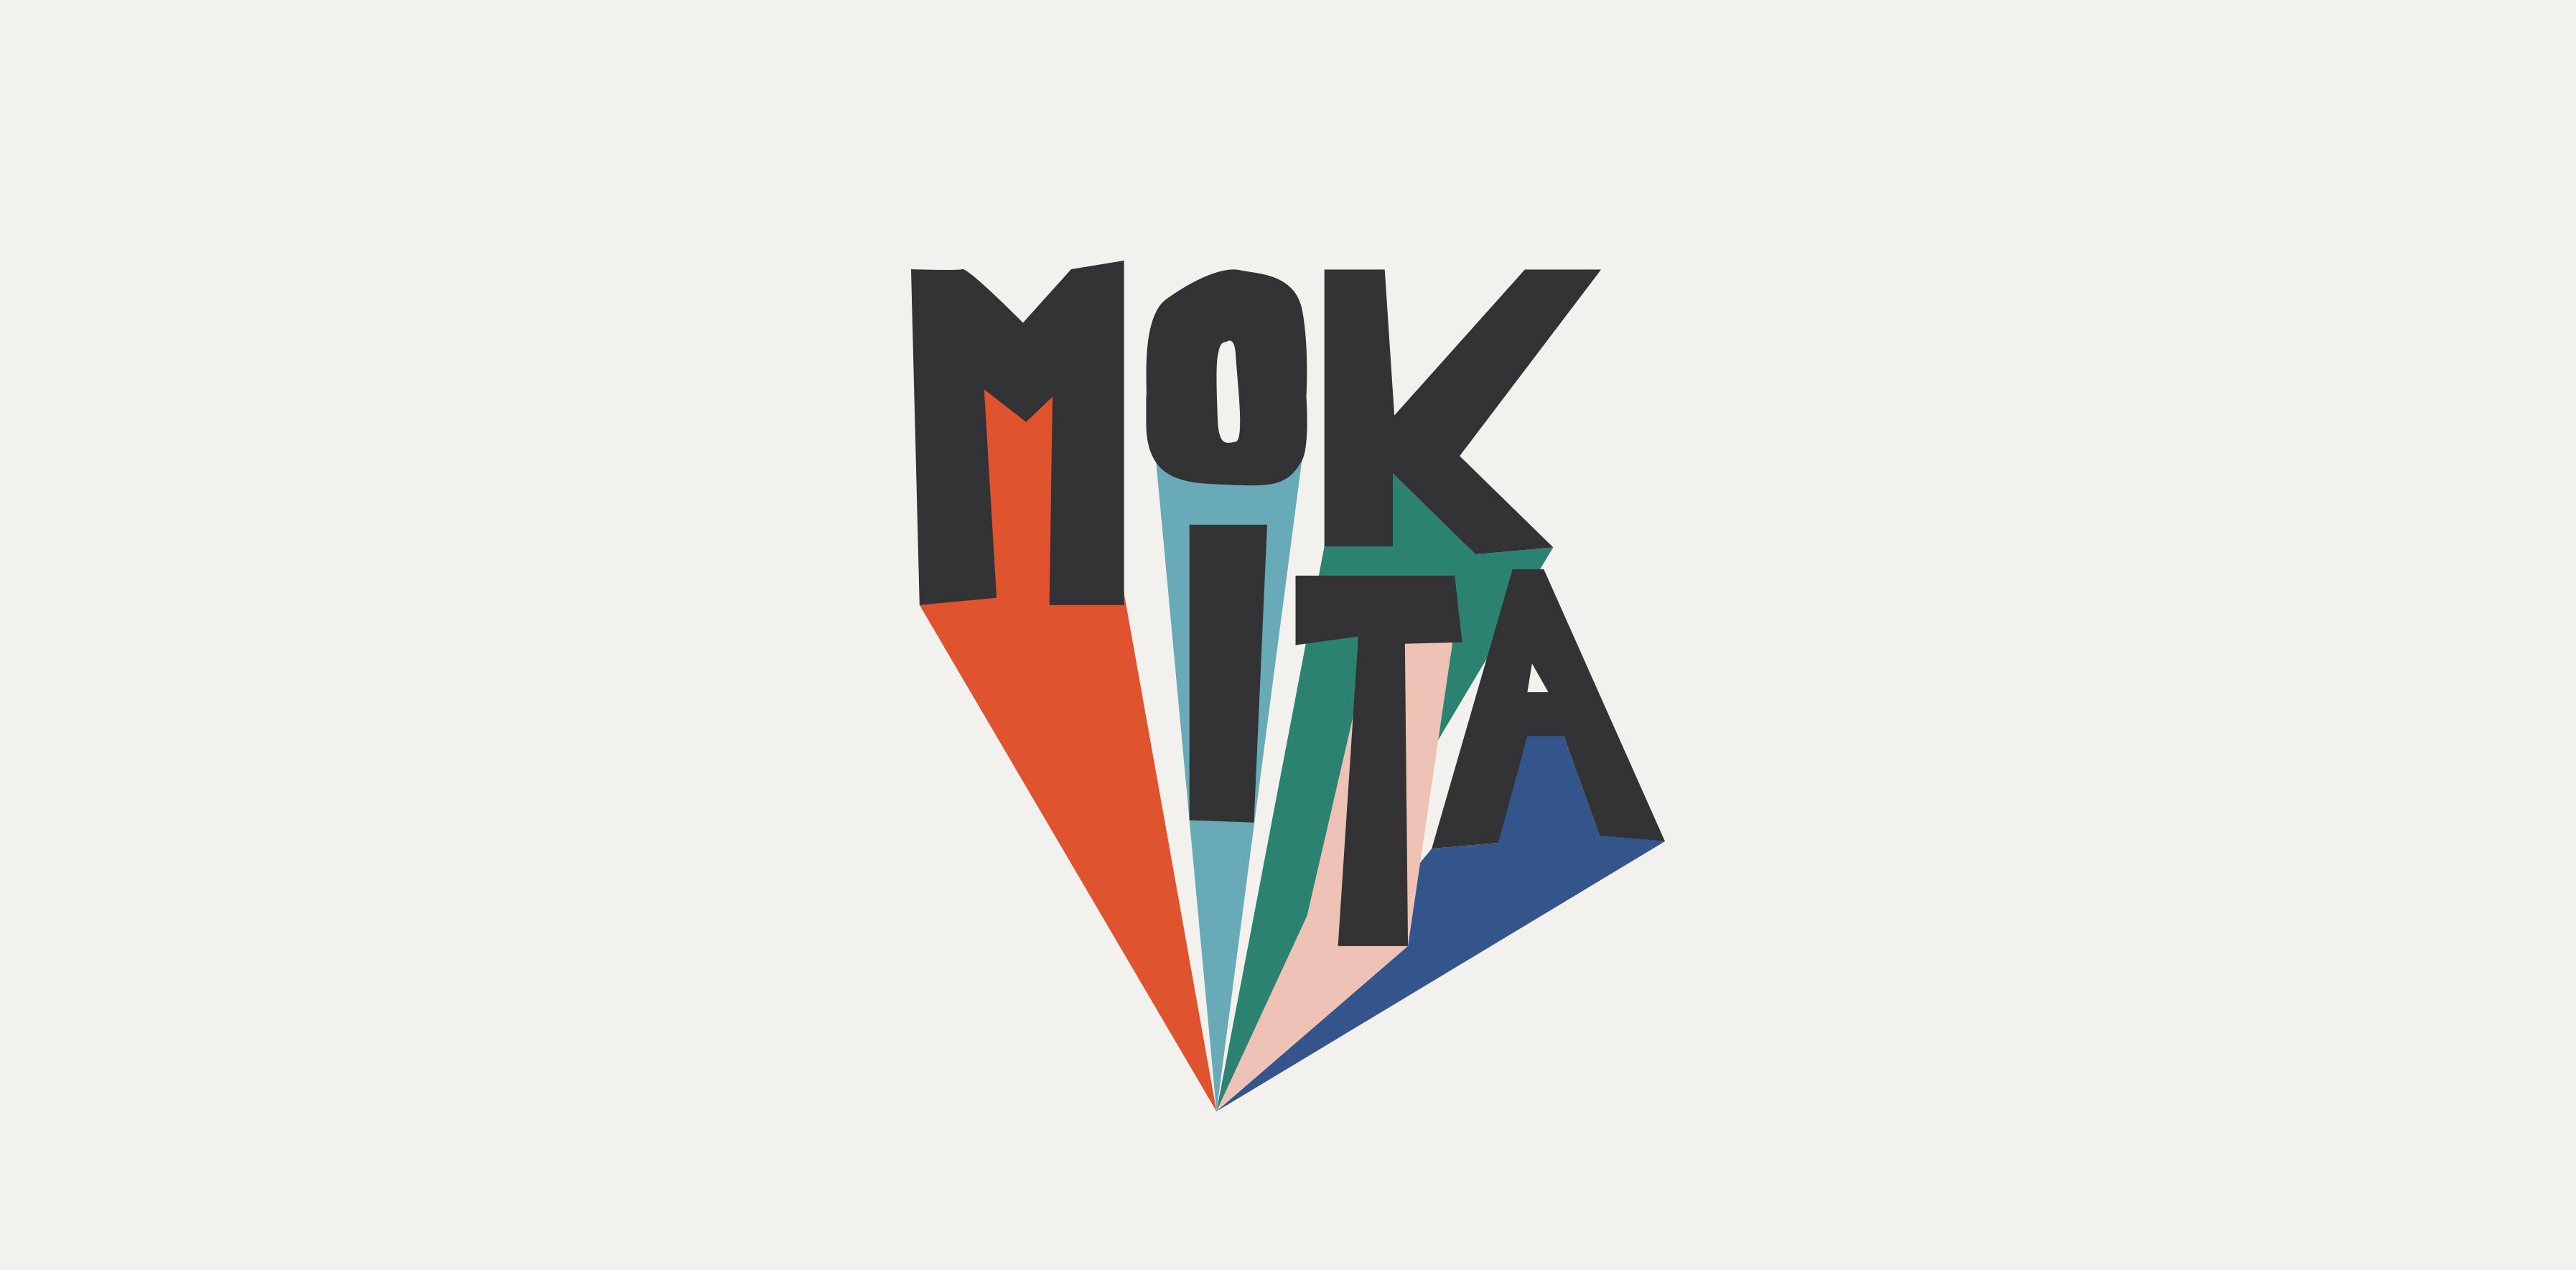 1_MOKITa_LOGO